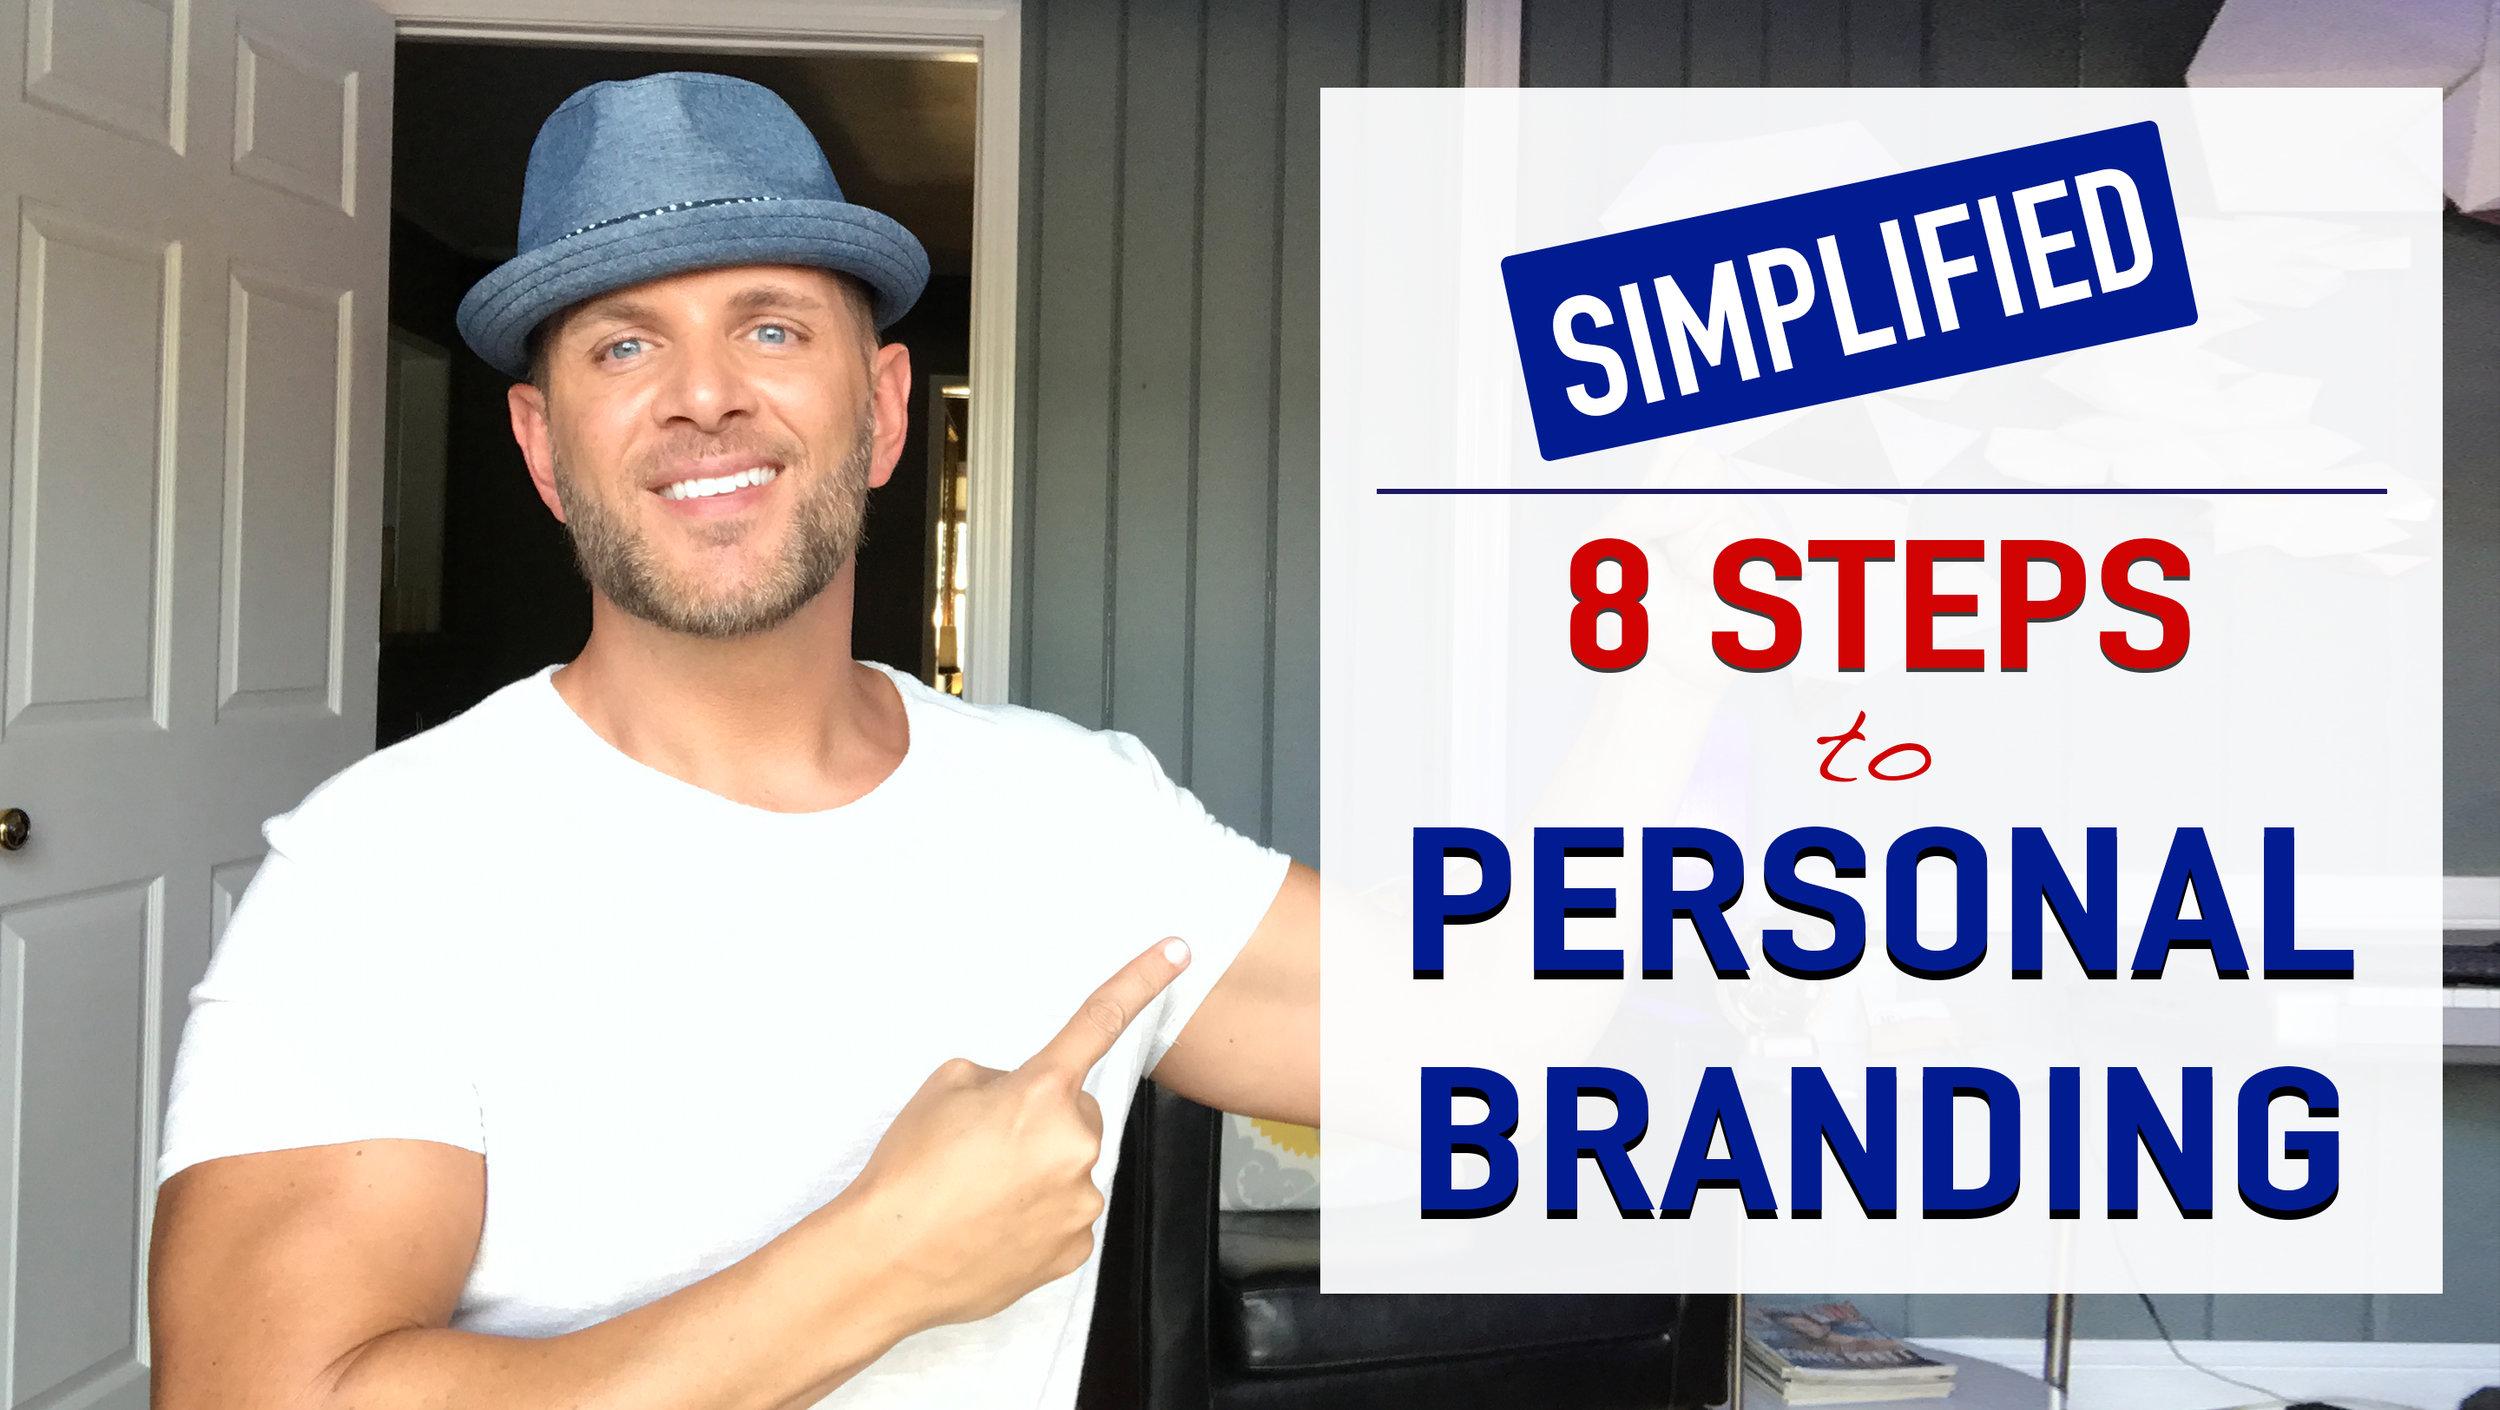 jonathan_george_8_steps_to_personal_branding.jpg